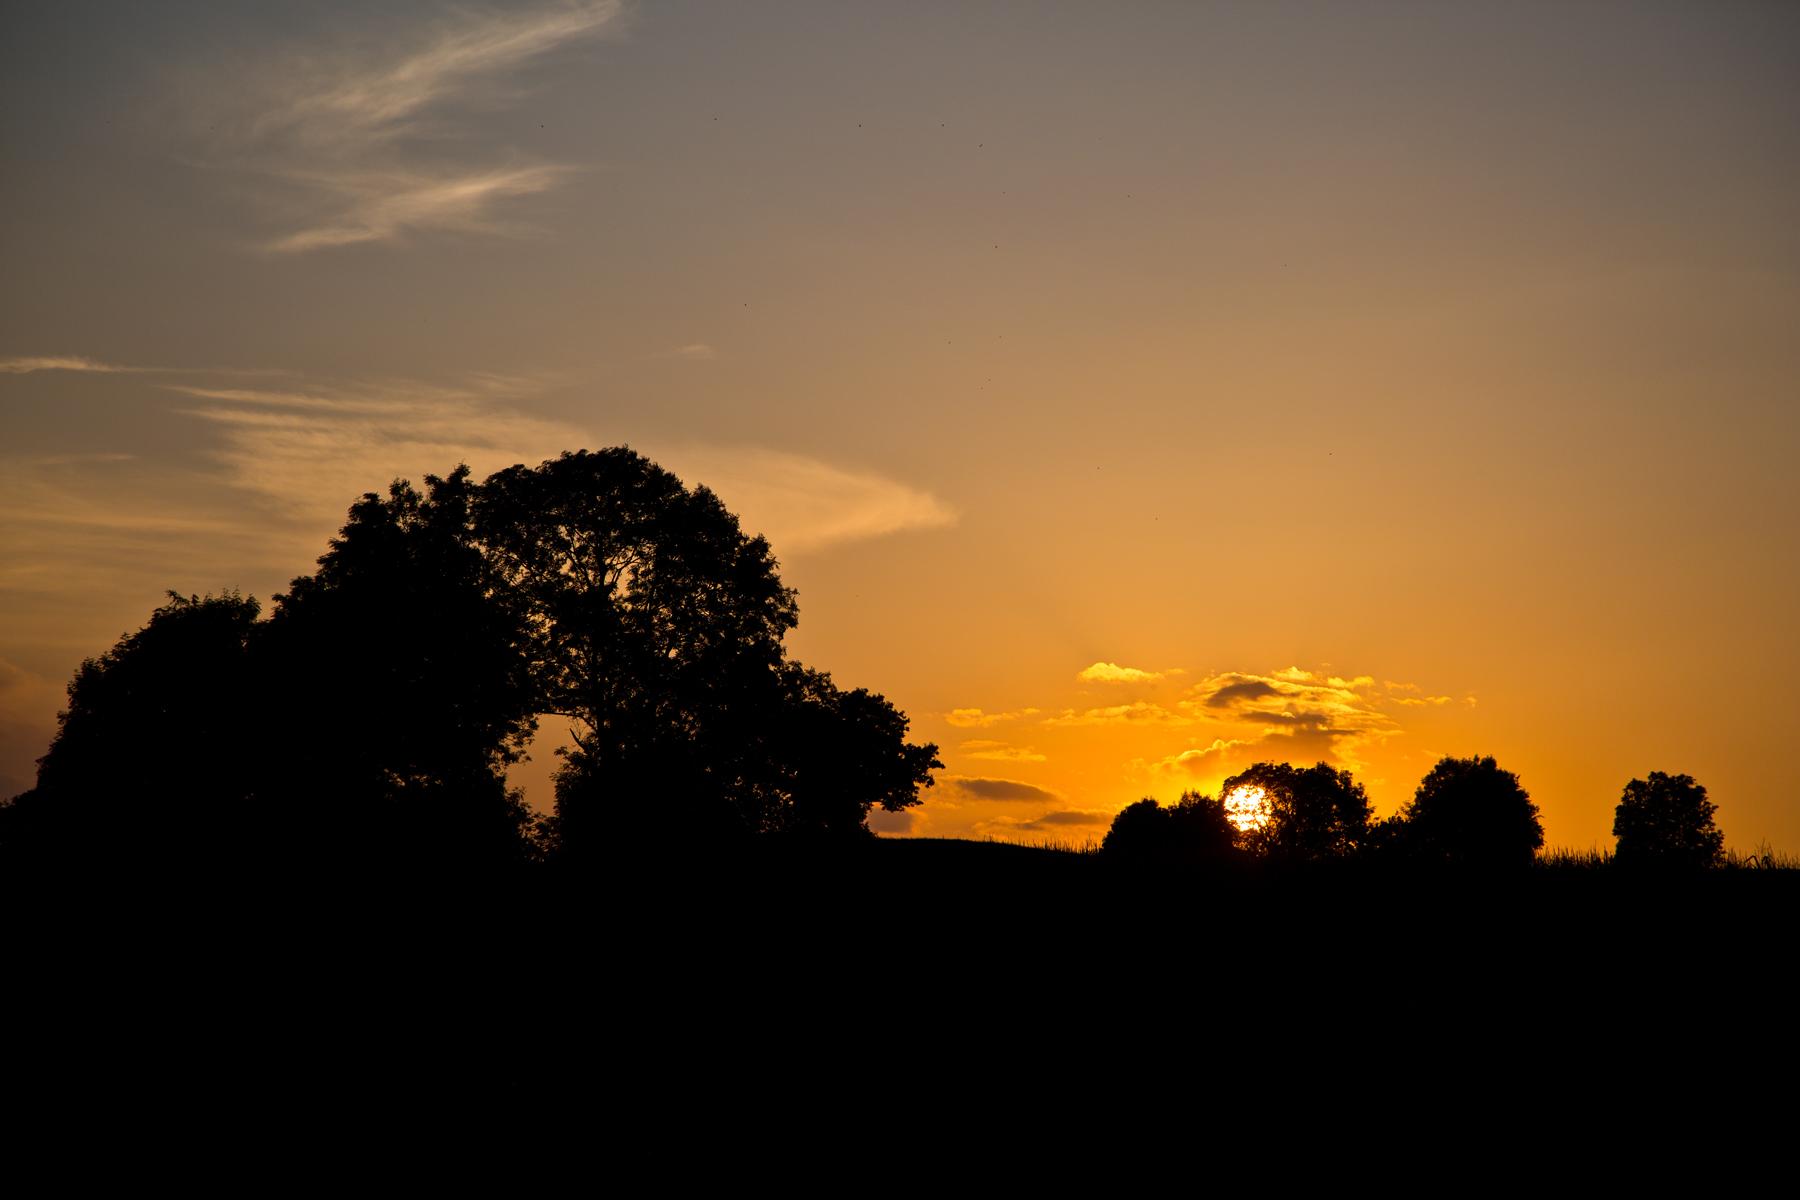 Sonnenuntergang bei Amtszell